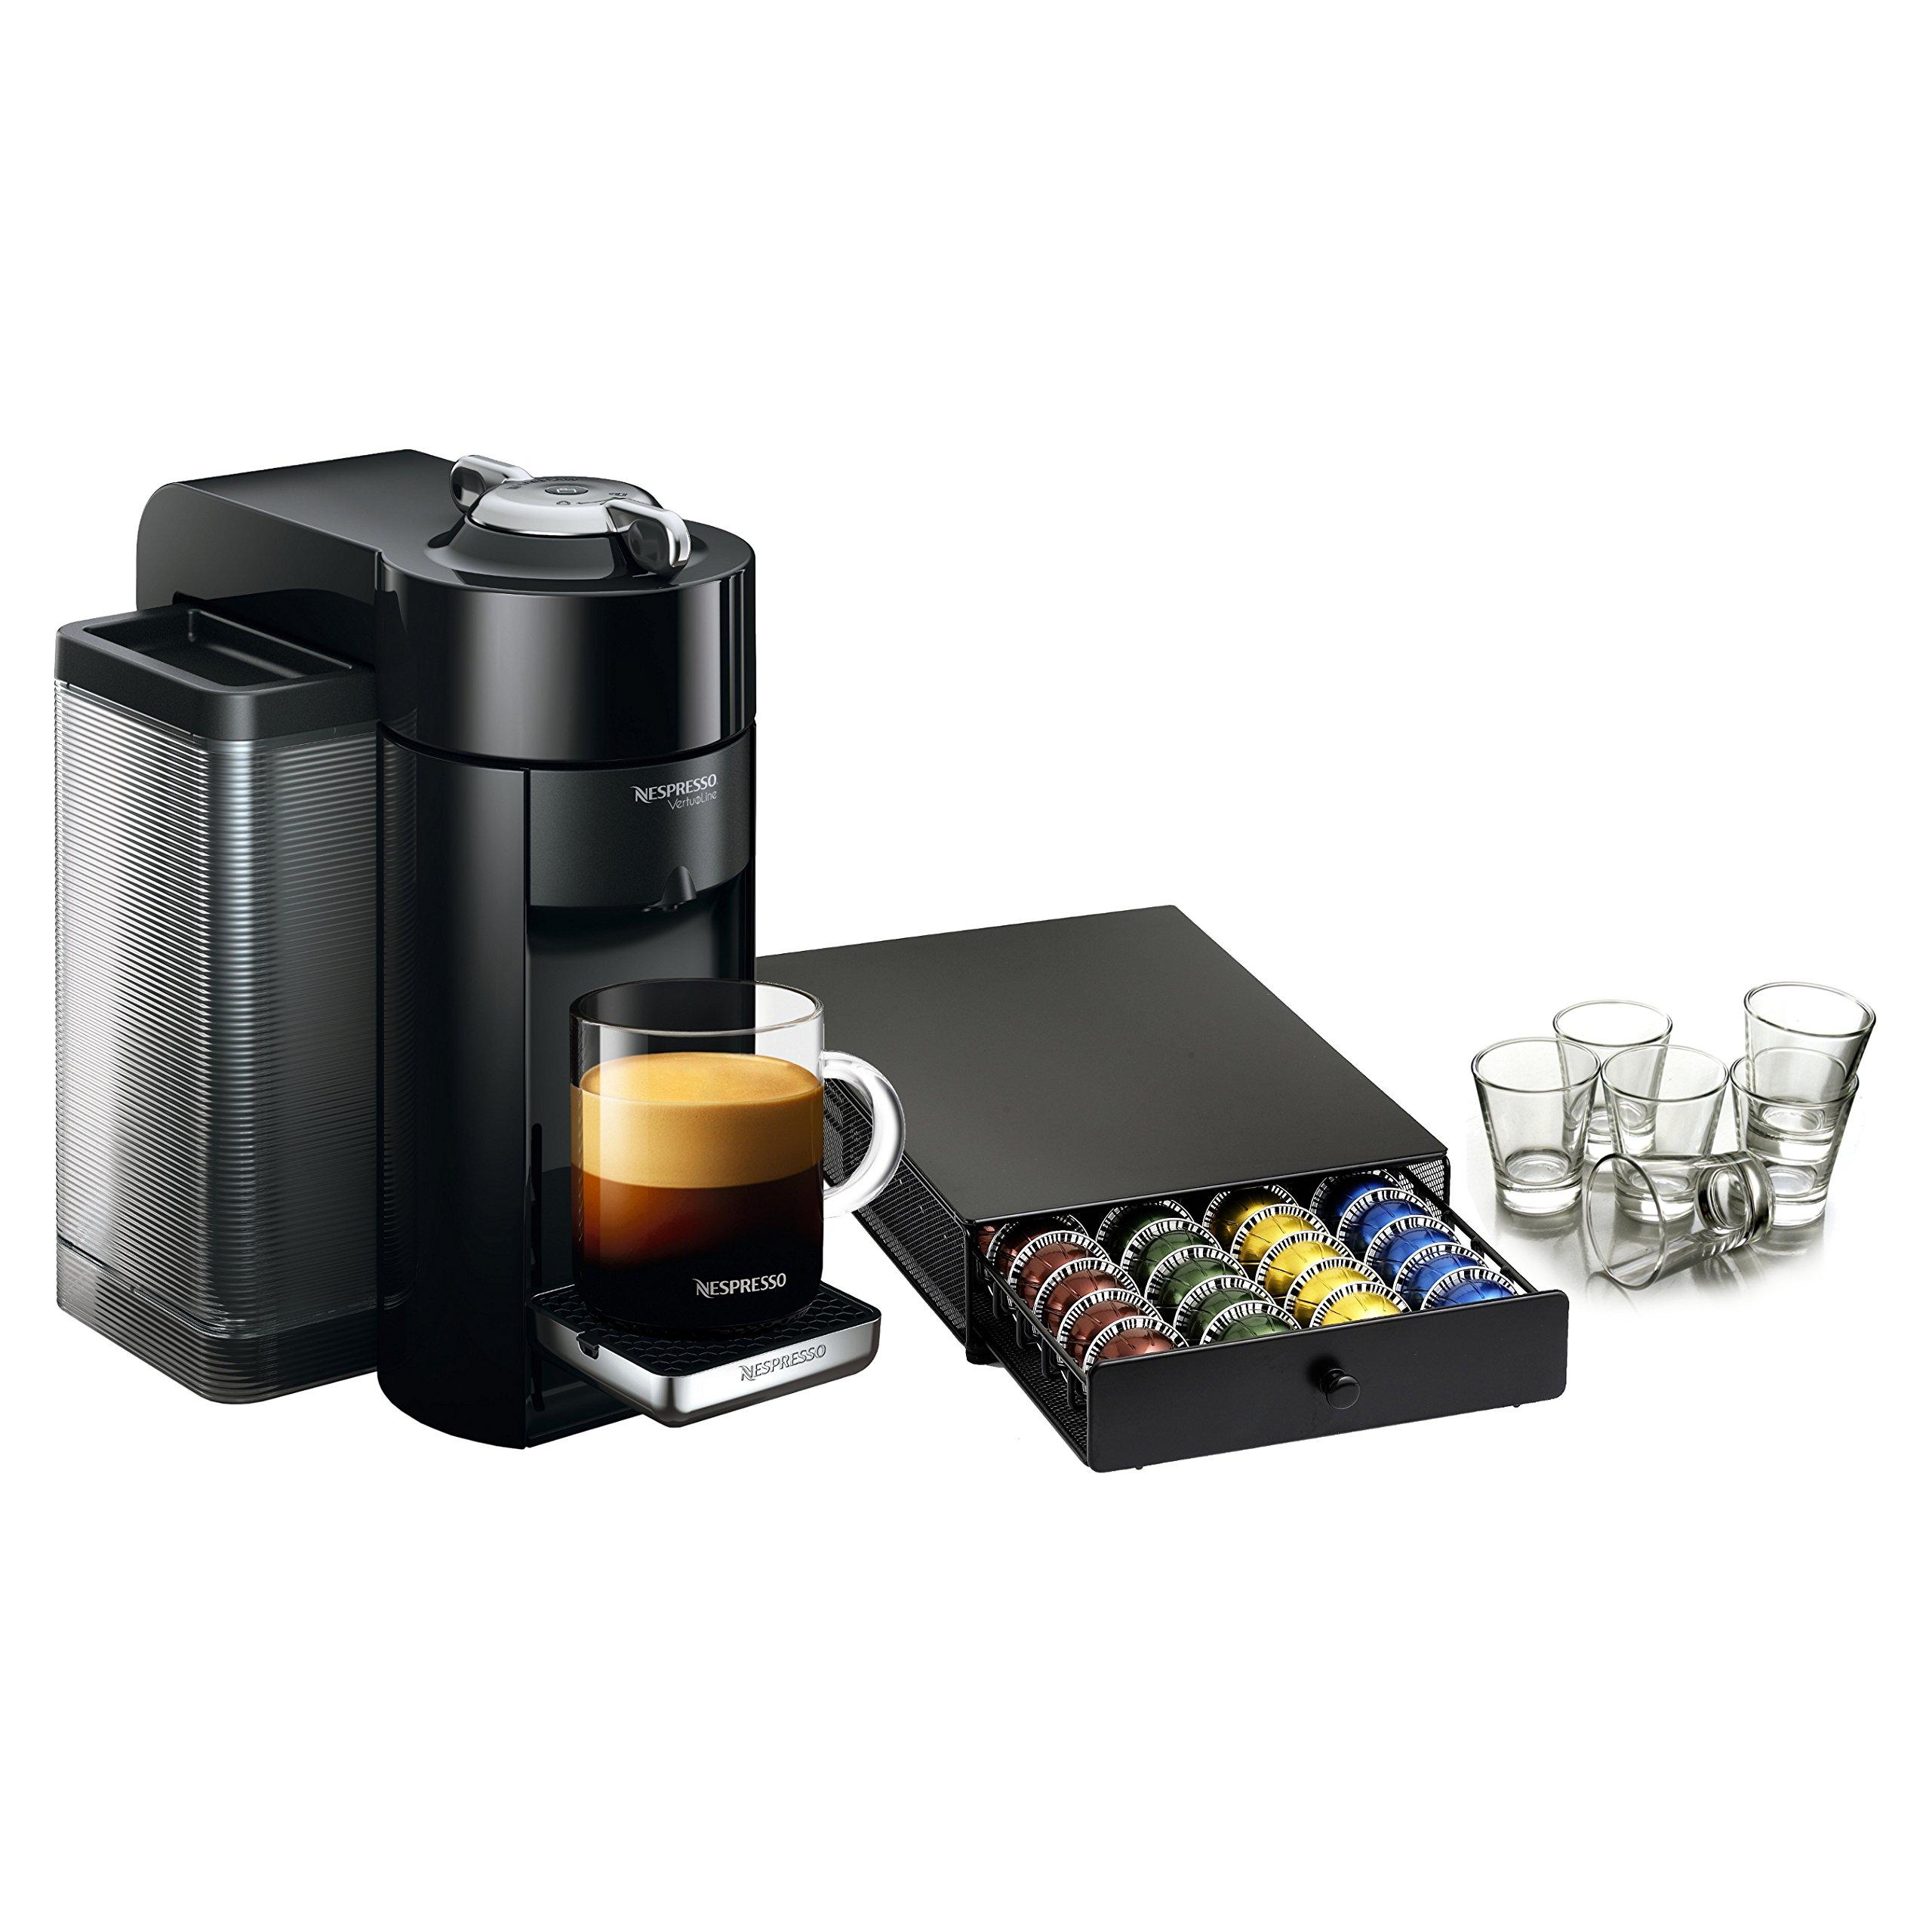 Nespresso VertuoLine Evoluo Deluxe Piano Black Coffee and Espresso Maker with 40 Capsule Storage Drawer and Free Set of 6 Espresso Glasses